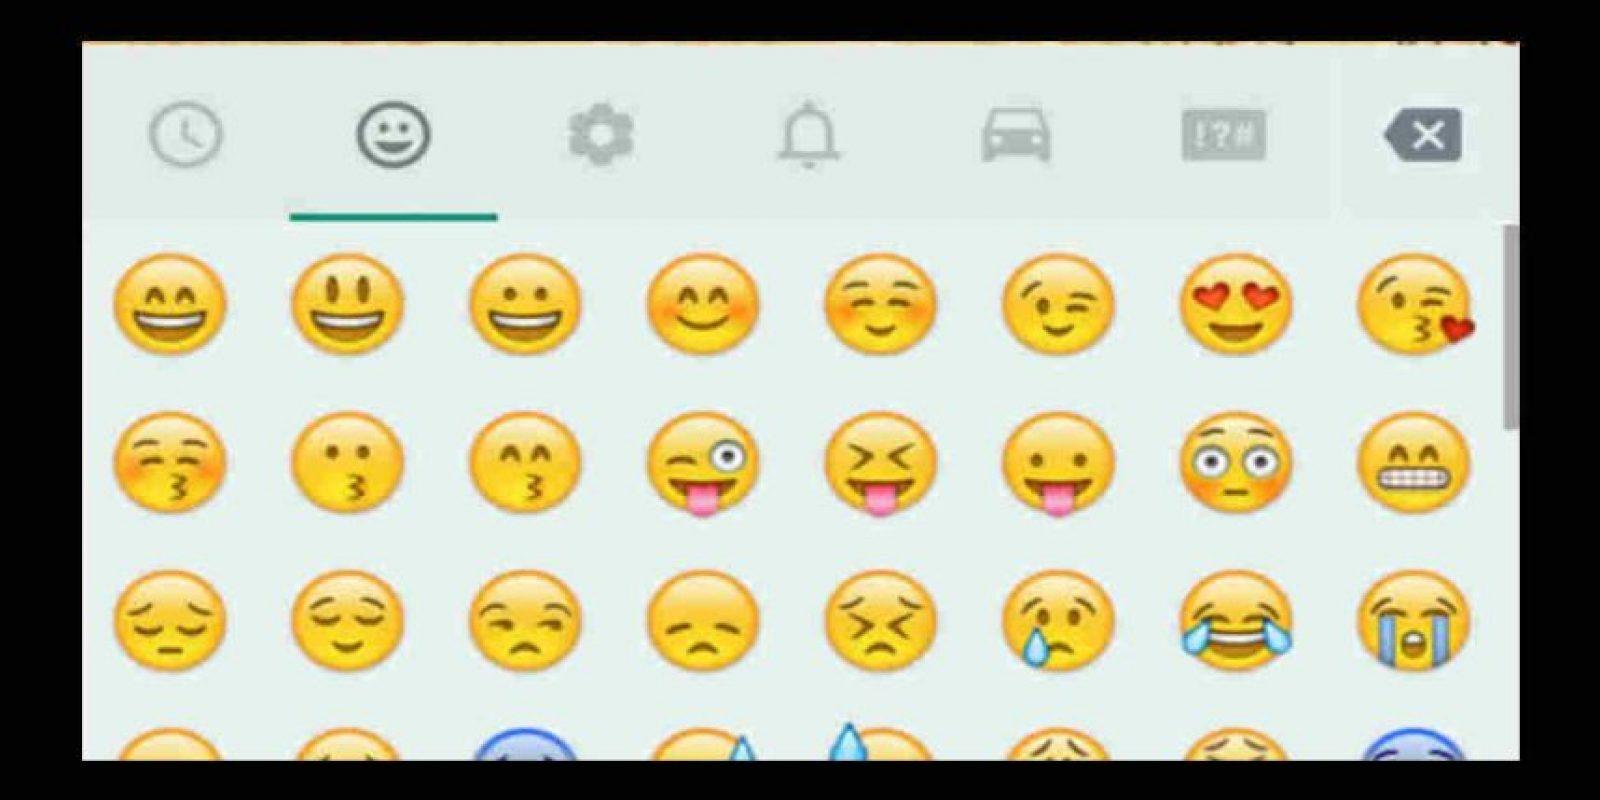 Los emojis fueron creados por el japonés Shigetaka Kurita. Foto:Tumblr